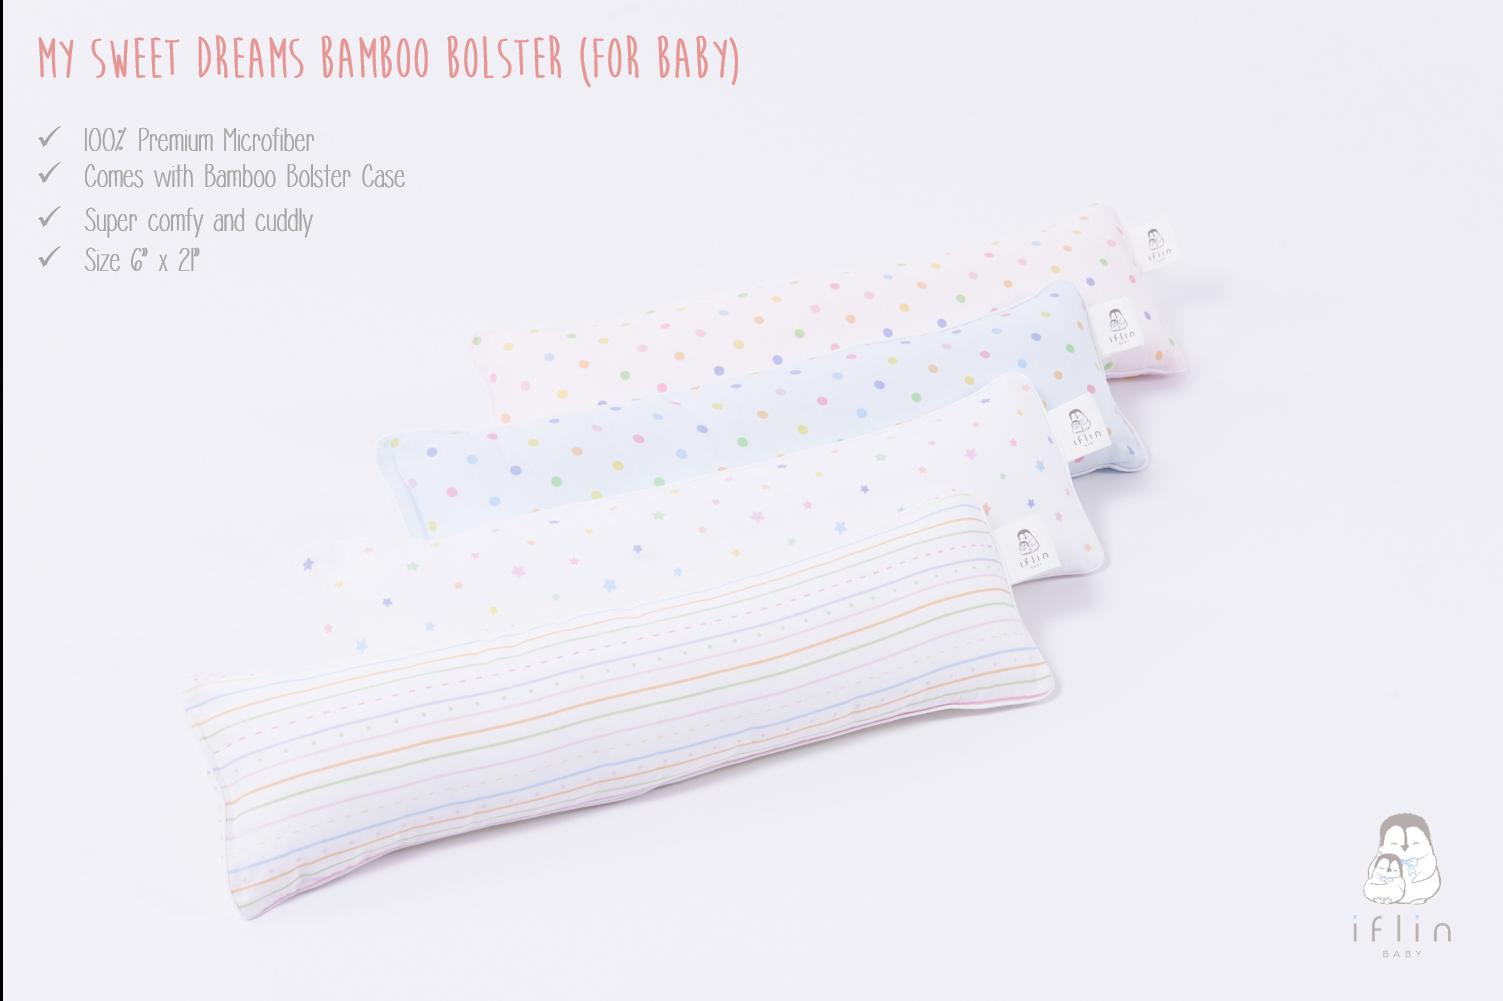 รีวิว Iflin Baby - หมอนข้างMicrofiber + ปลอกหมอนข้างใยไผ่ สำหรับเด็กแรกเกิด (My Sweet Dreams Bamboo Bolster - for Baby) - ของใช้เด็กอ่อน